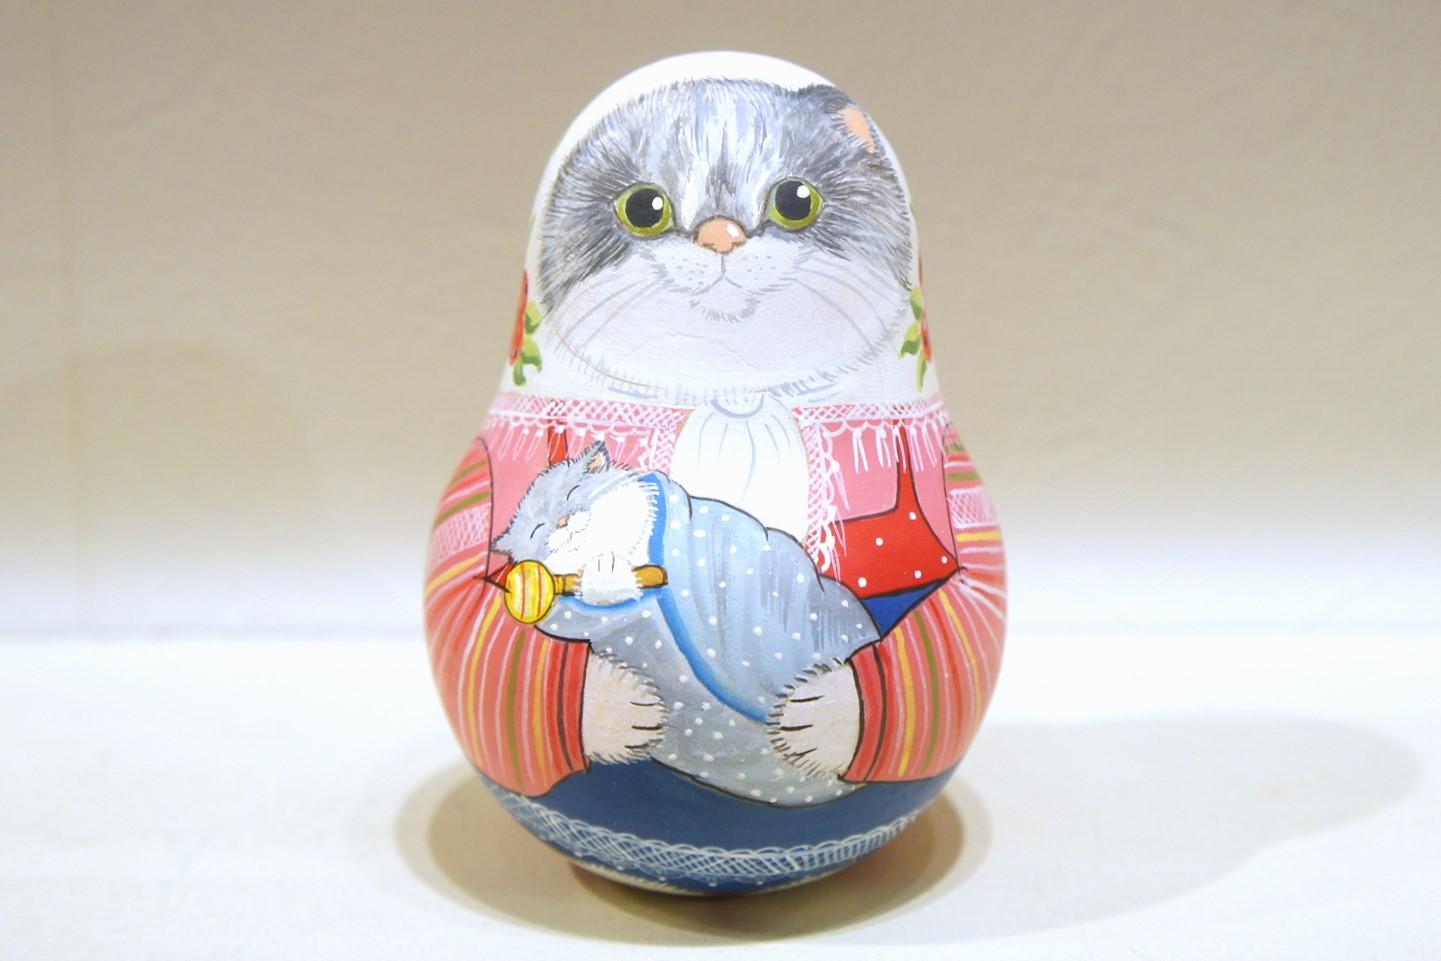 バボーヴァ作 ベル型ネヴァリャーシカ(起き上がりこぼし) 2種類 <キジネコちゃん><赤ちゃんとネコ>/ 9.2cm